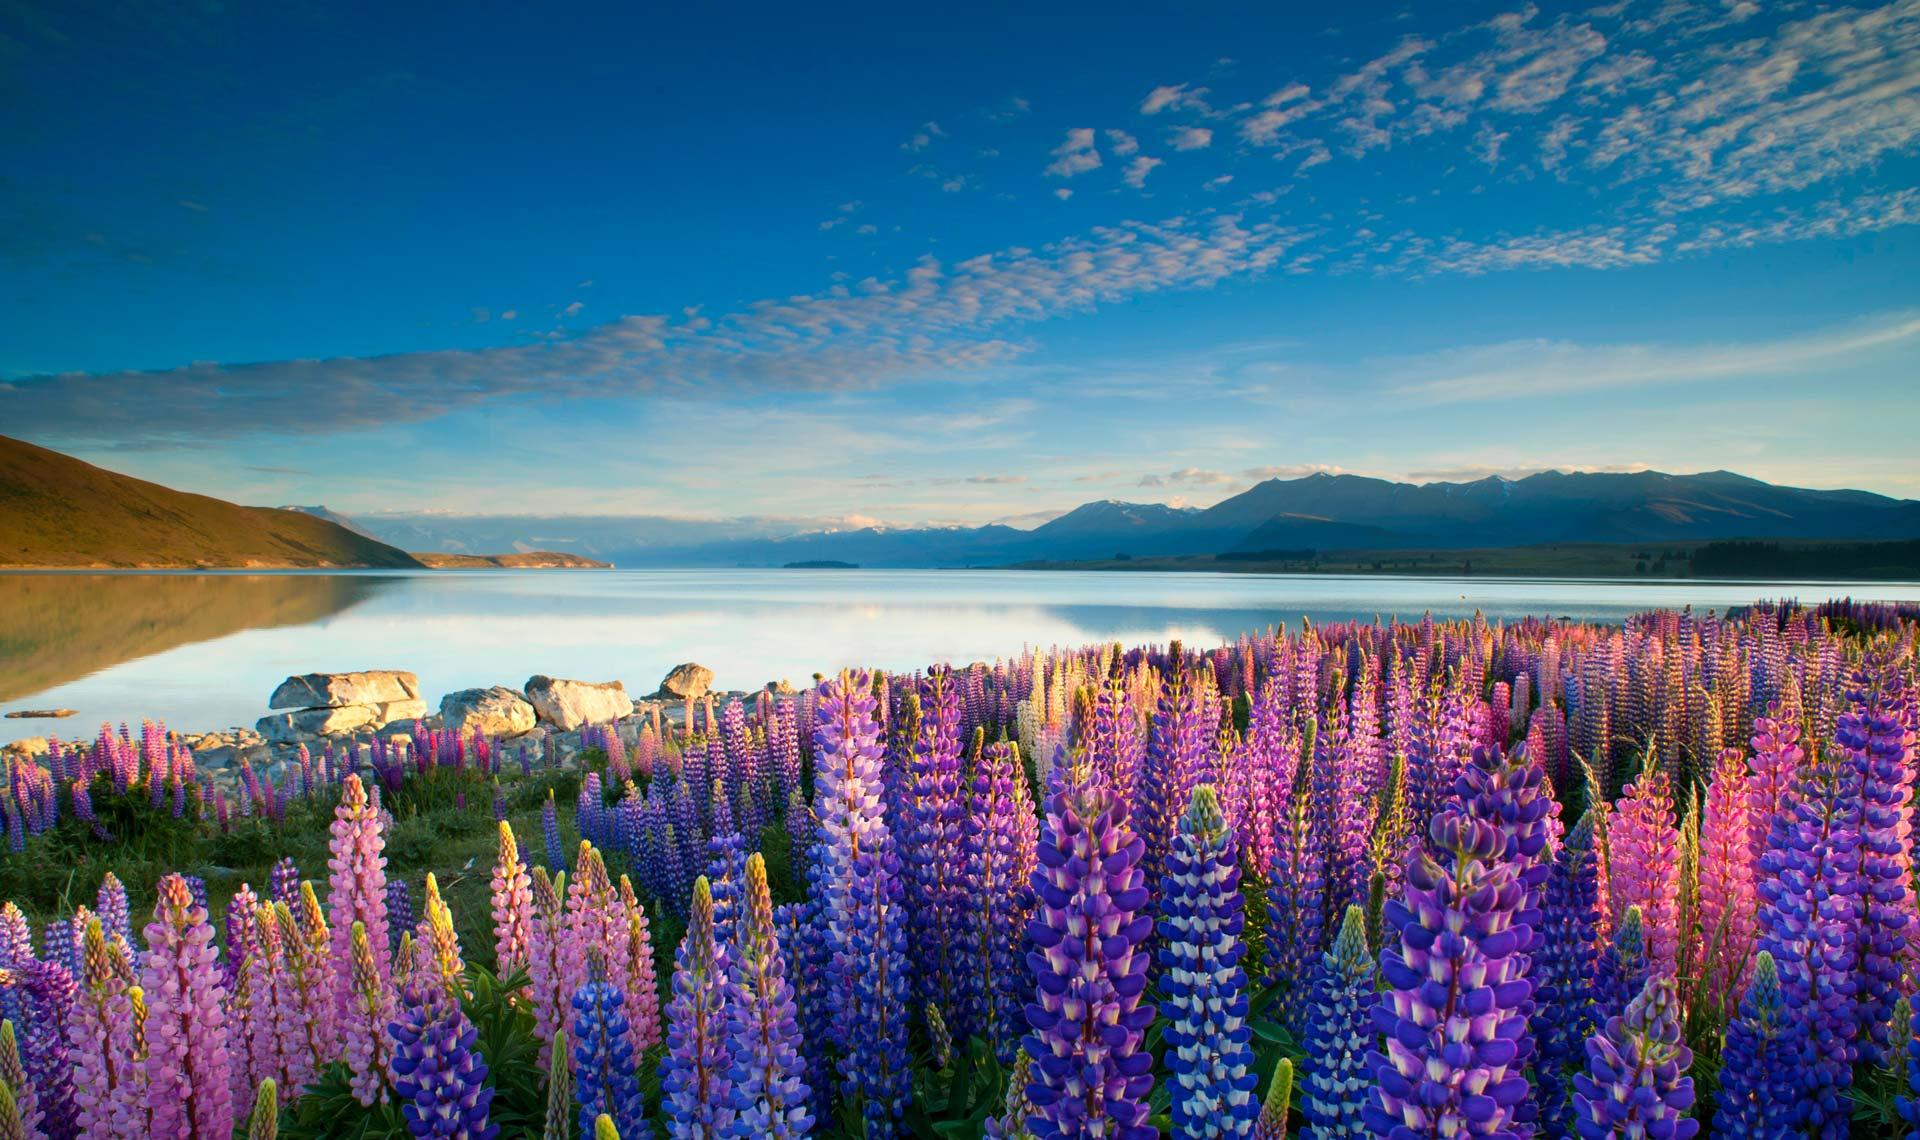 一生必须得去一次的【星空小镇】新西兰特卡波